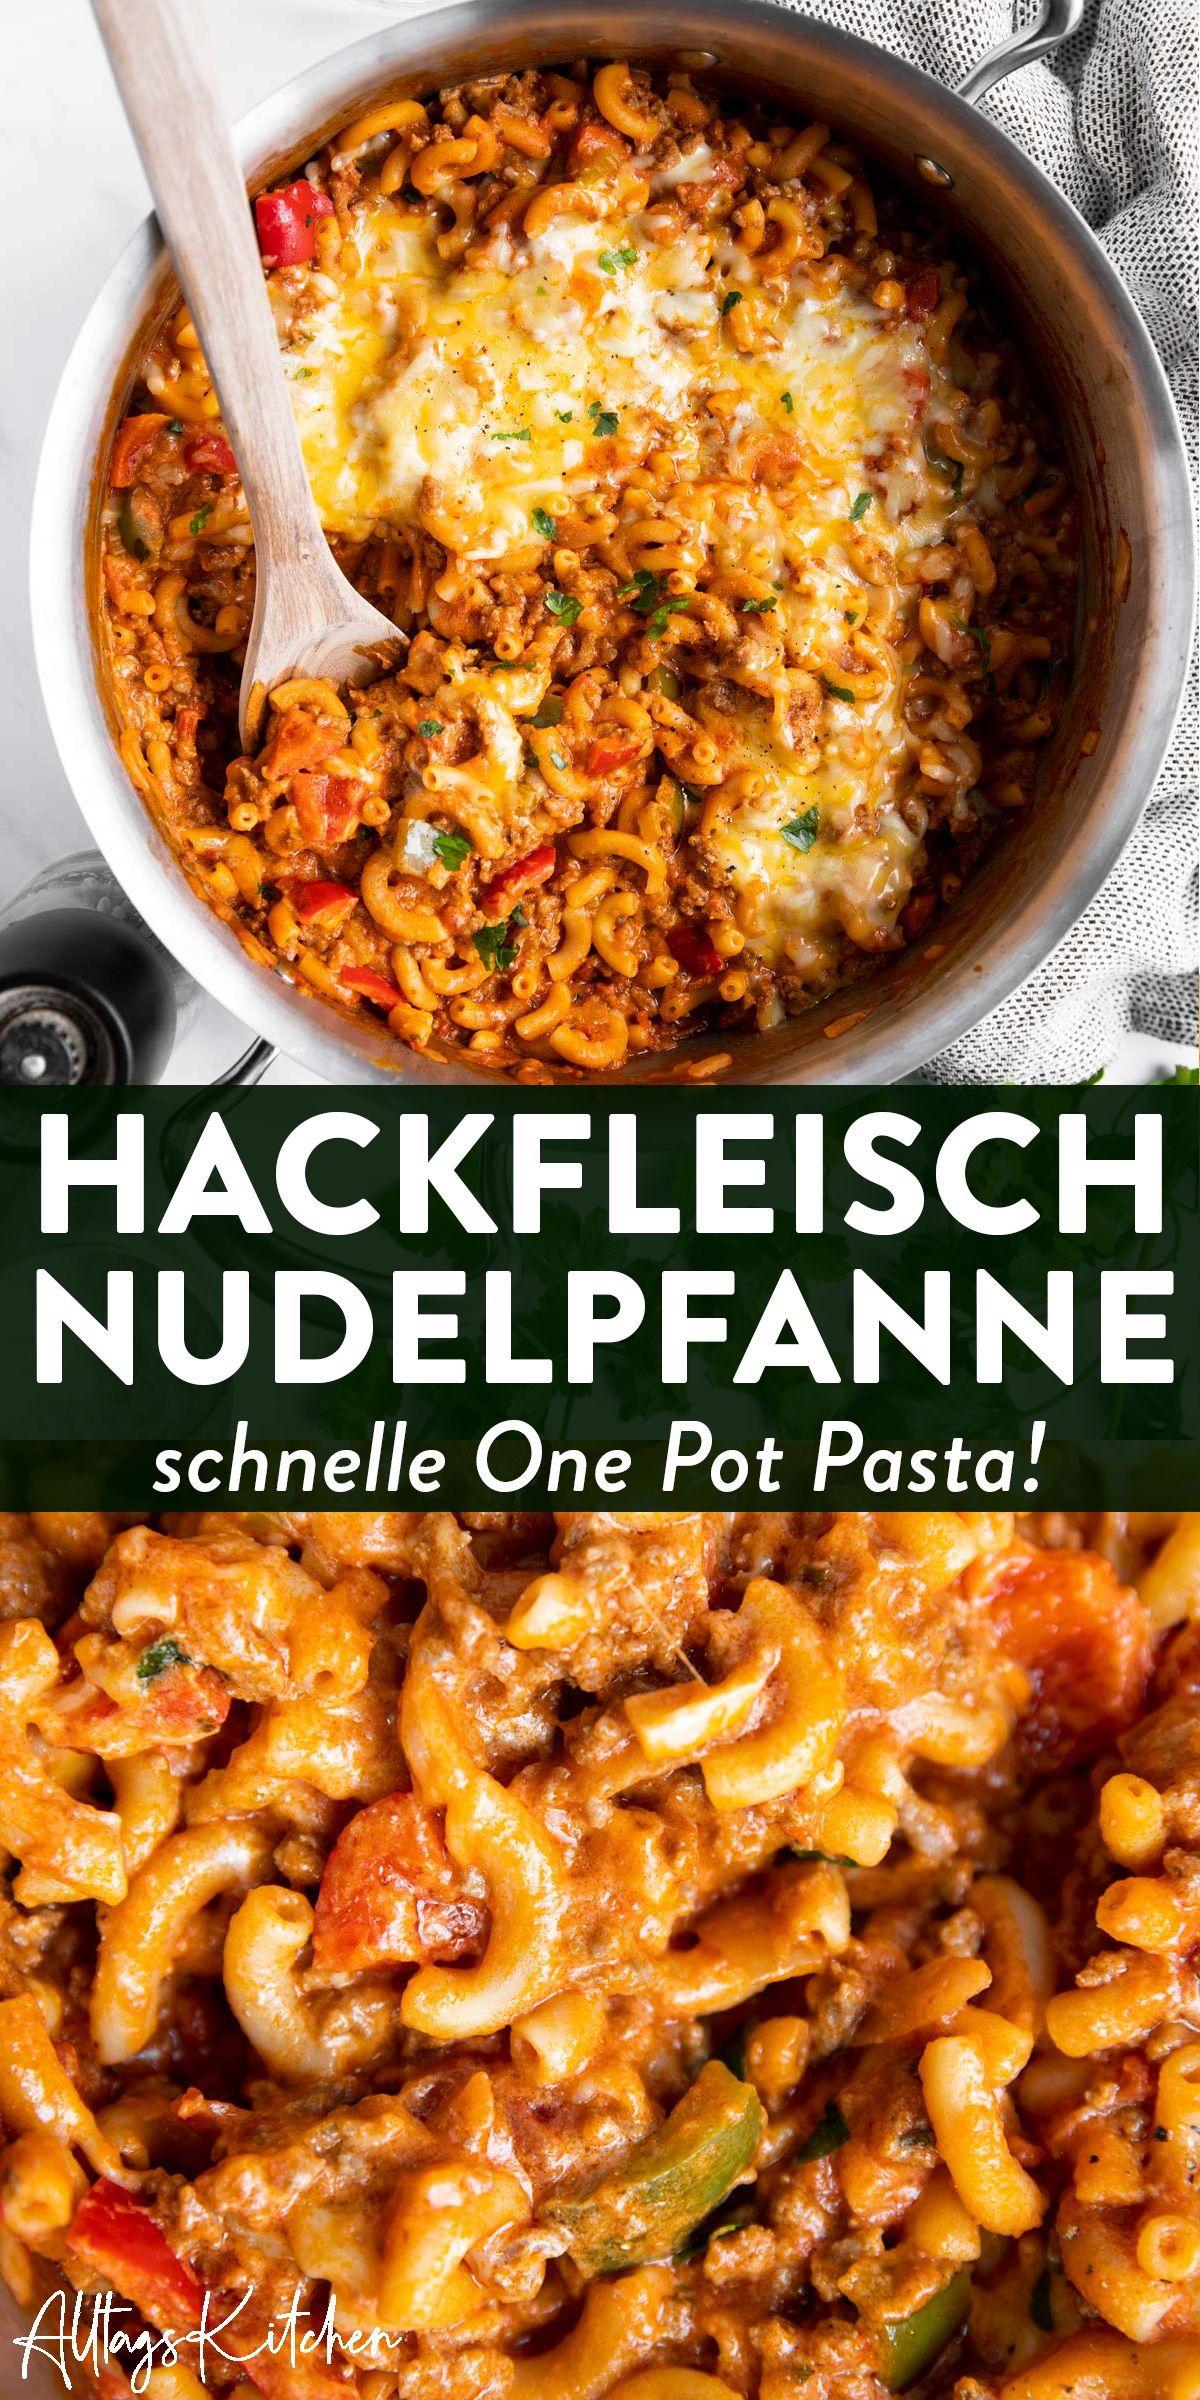 Einfache Nudelpfanne: Cremige One Pot Pasta mit Hackfleisch und Paprika